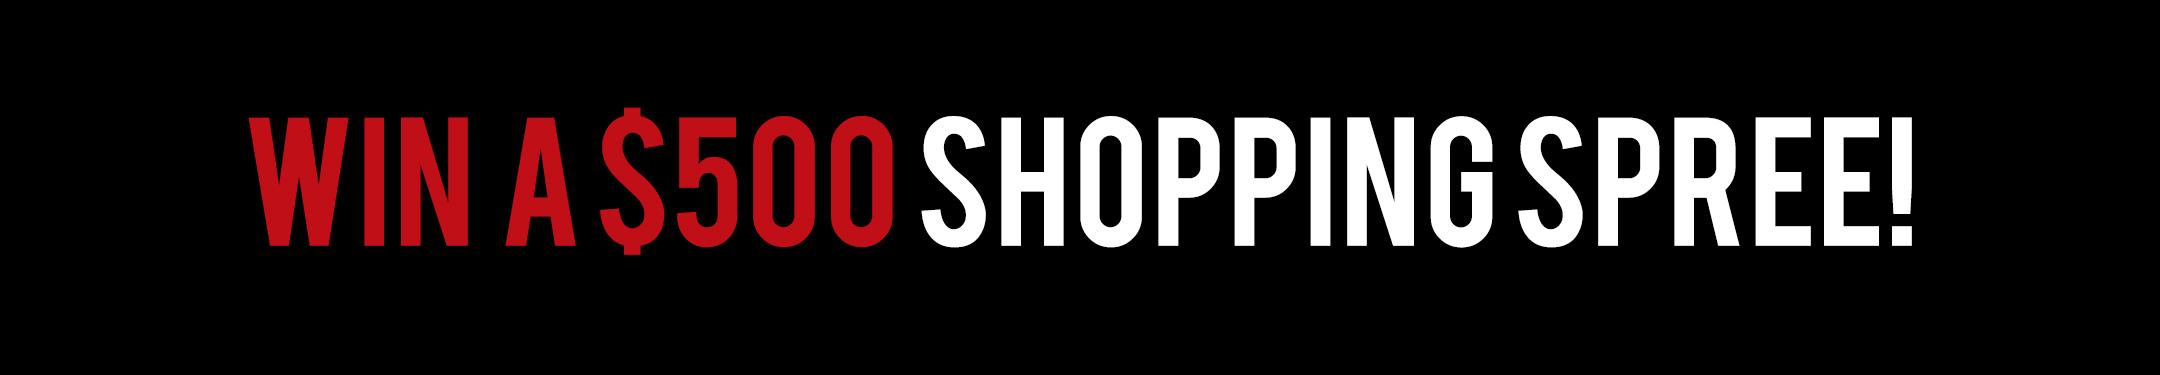 Enter to Win a $500 Shopping Spree